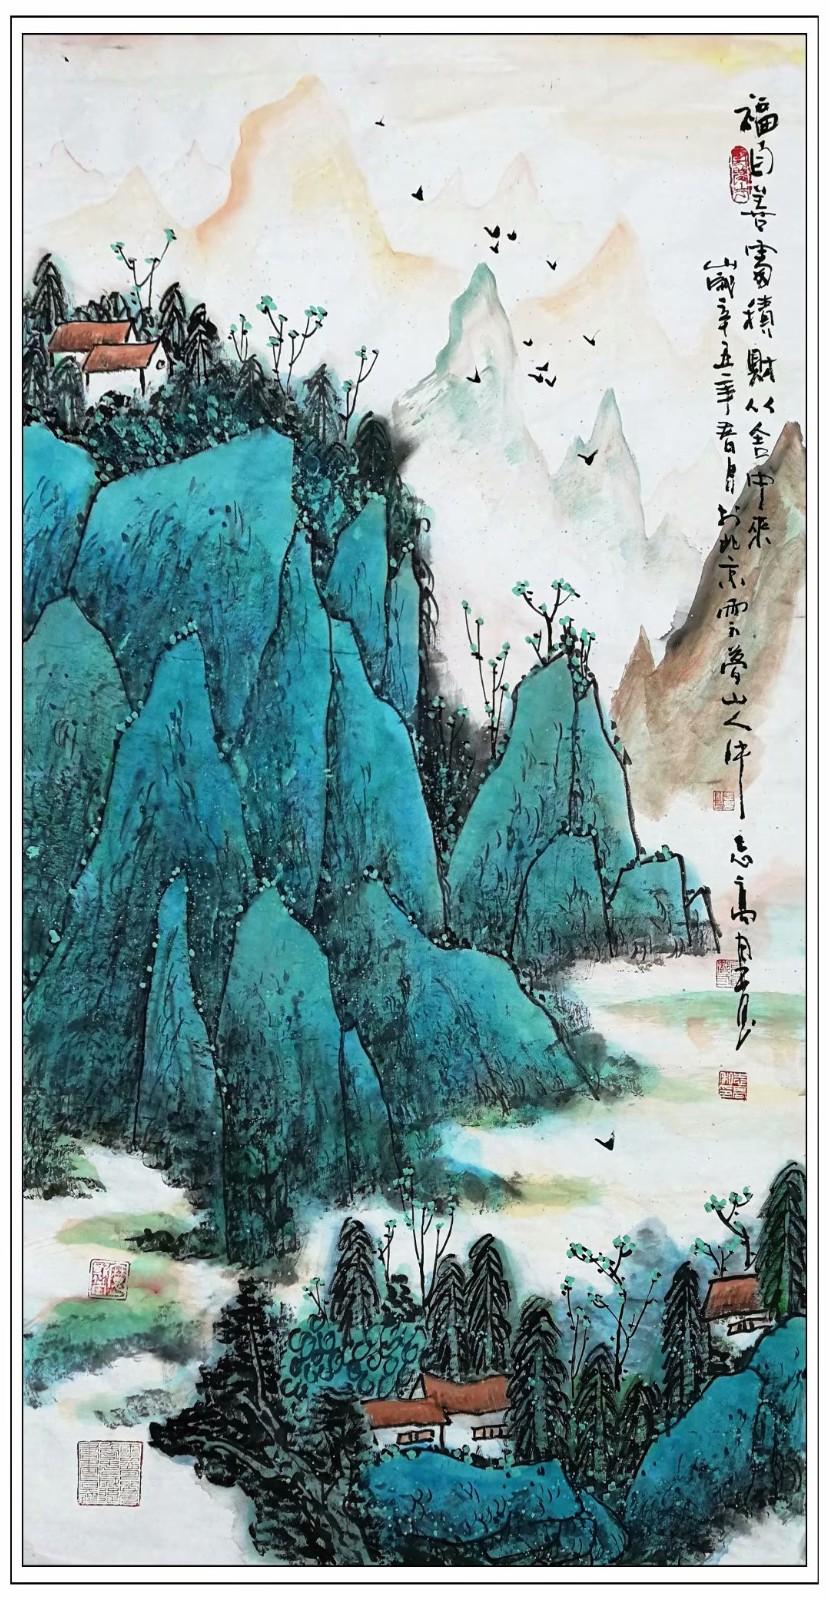 牛志高国画新作品2021.04.29_图1-1